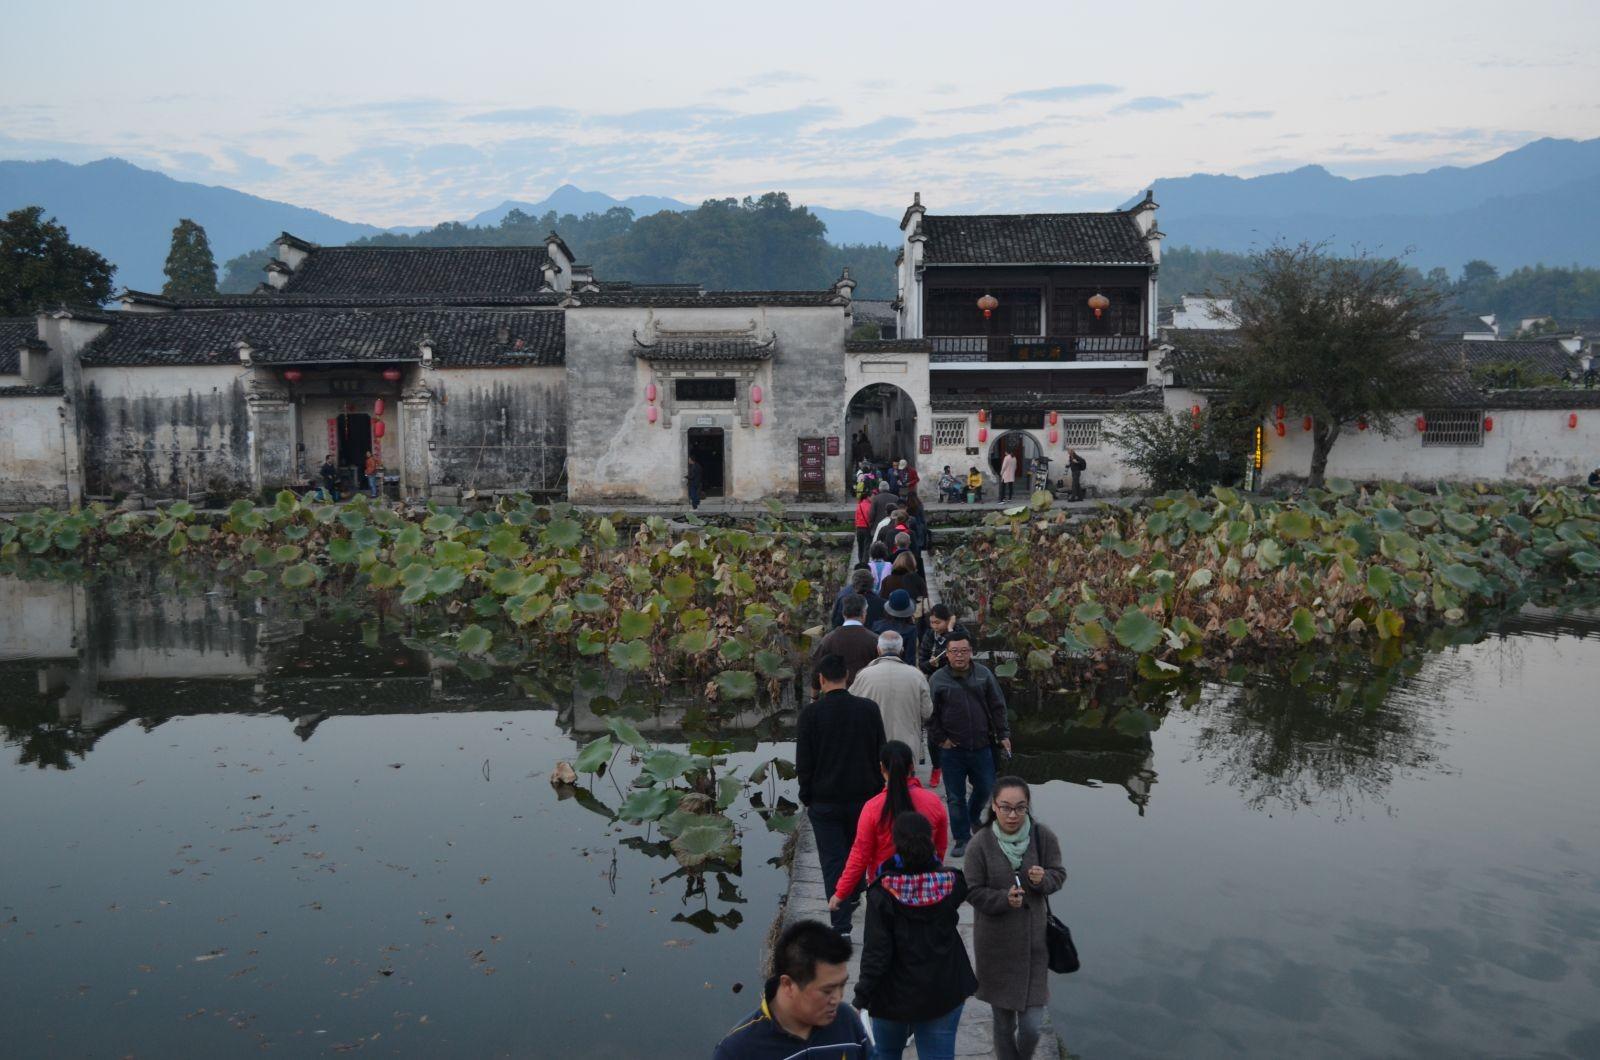 Hongcun, village de la province de l'Anhui (à l'ouest de Shanghai), devenu célèbre depuis son classement, avec le village de Xidi, au Patrimoine mondial en 2000. Il est proche des Huangshan, les Montagnes jaunes connues pour la poésie de leurs paysages de pins accrochés à des à-pics vertigineux. Hongcun, ou comment associer la qualité de l'accueil des touristes et la qualité de vie des résidents. © Petites Cités de Caractère. 2015.